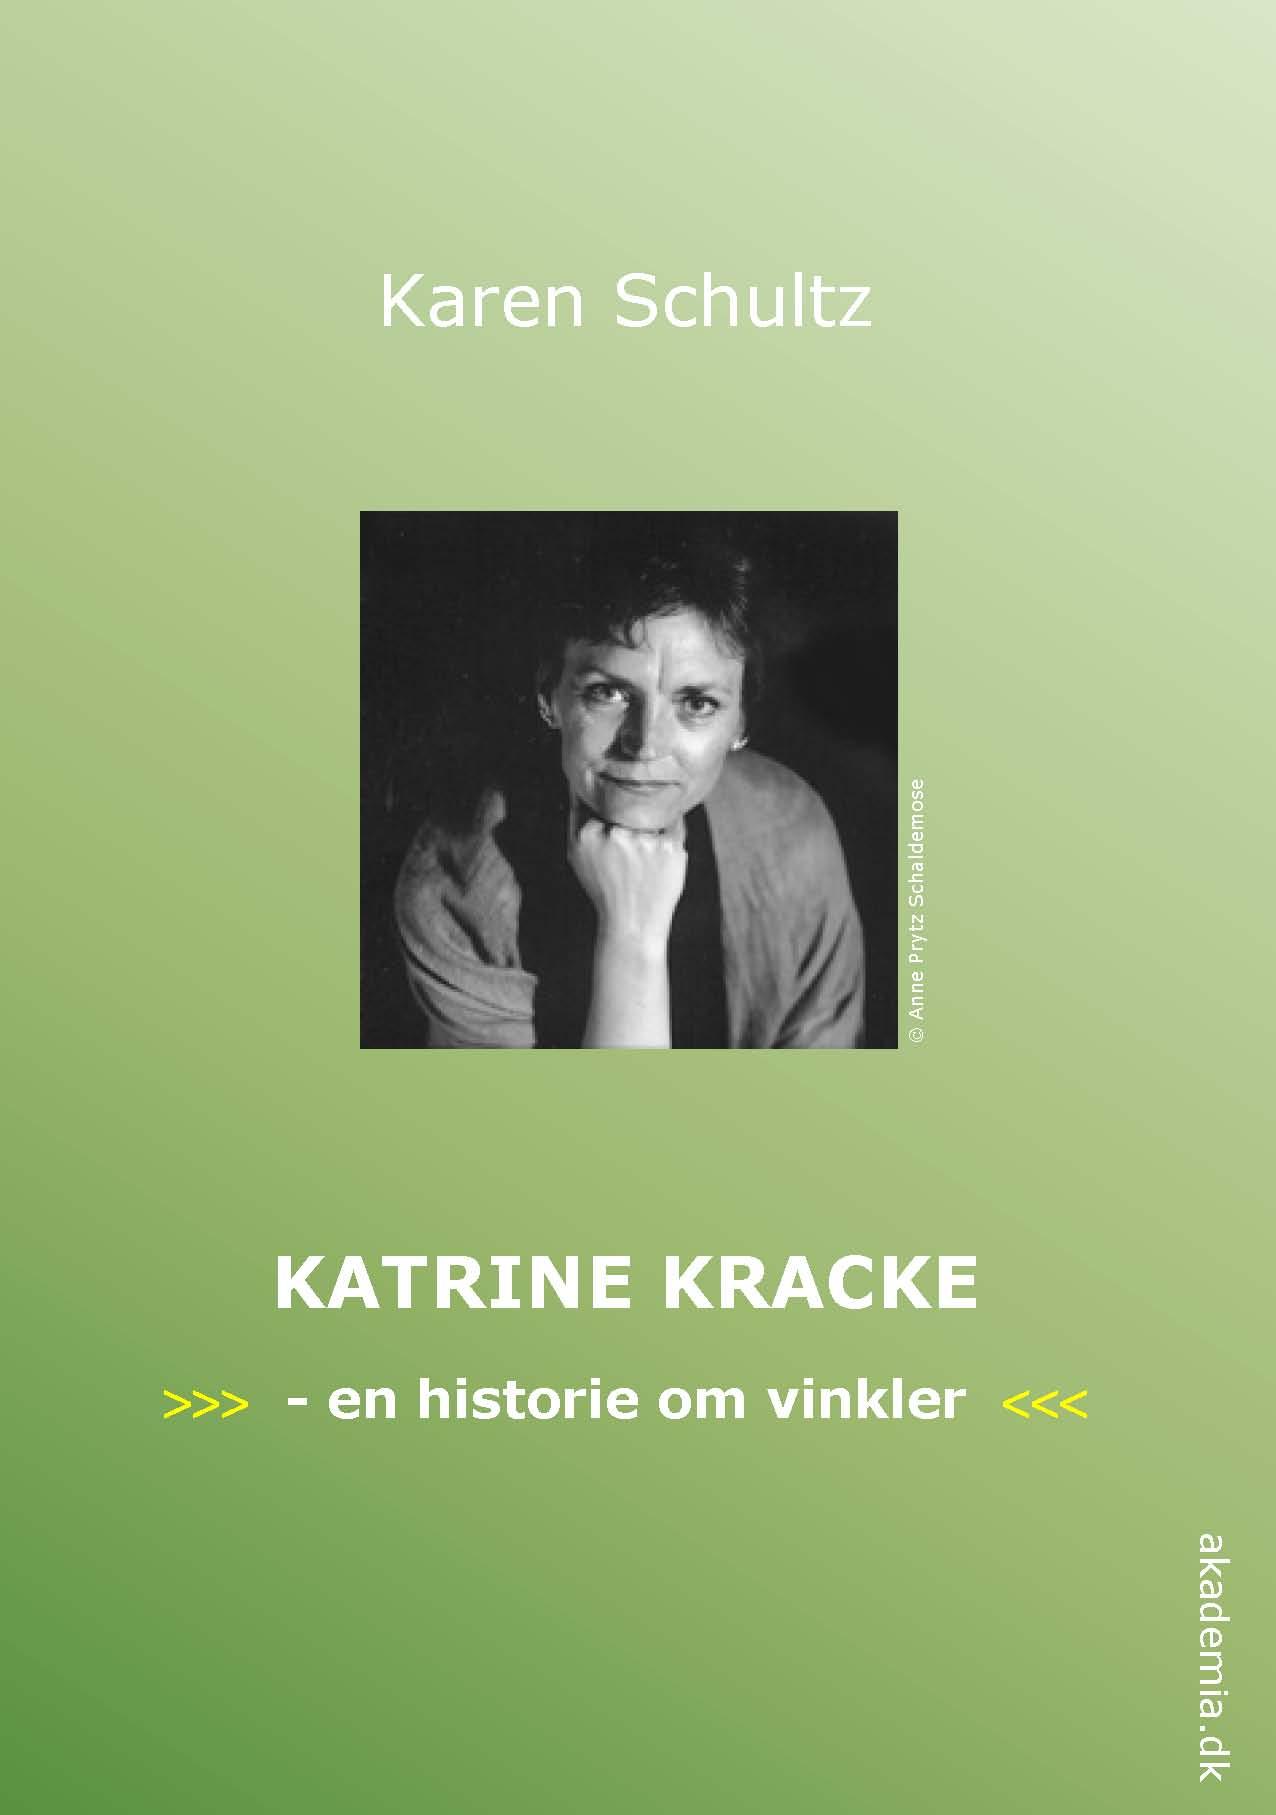 Katrine Kracke - en historie om vinkler af Karen Schultz